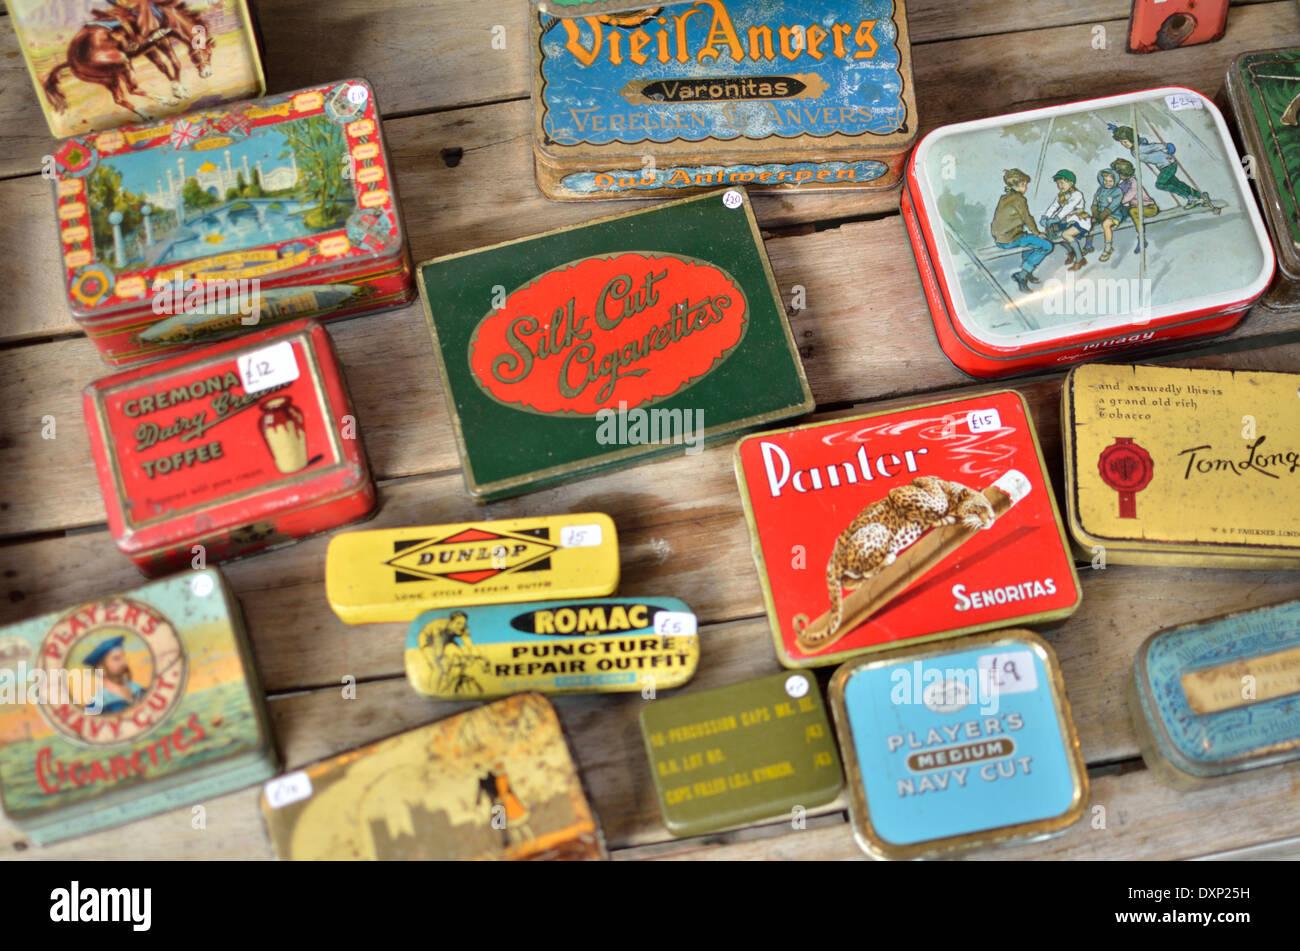 Colorido old con cajas de hojalata en un puesto en el mercado, Portobello Road, Notting Hill, Londres, Reino Unido. Imagen De Stock